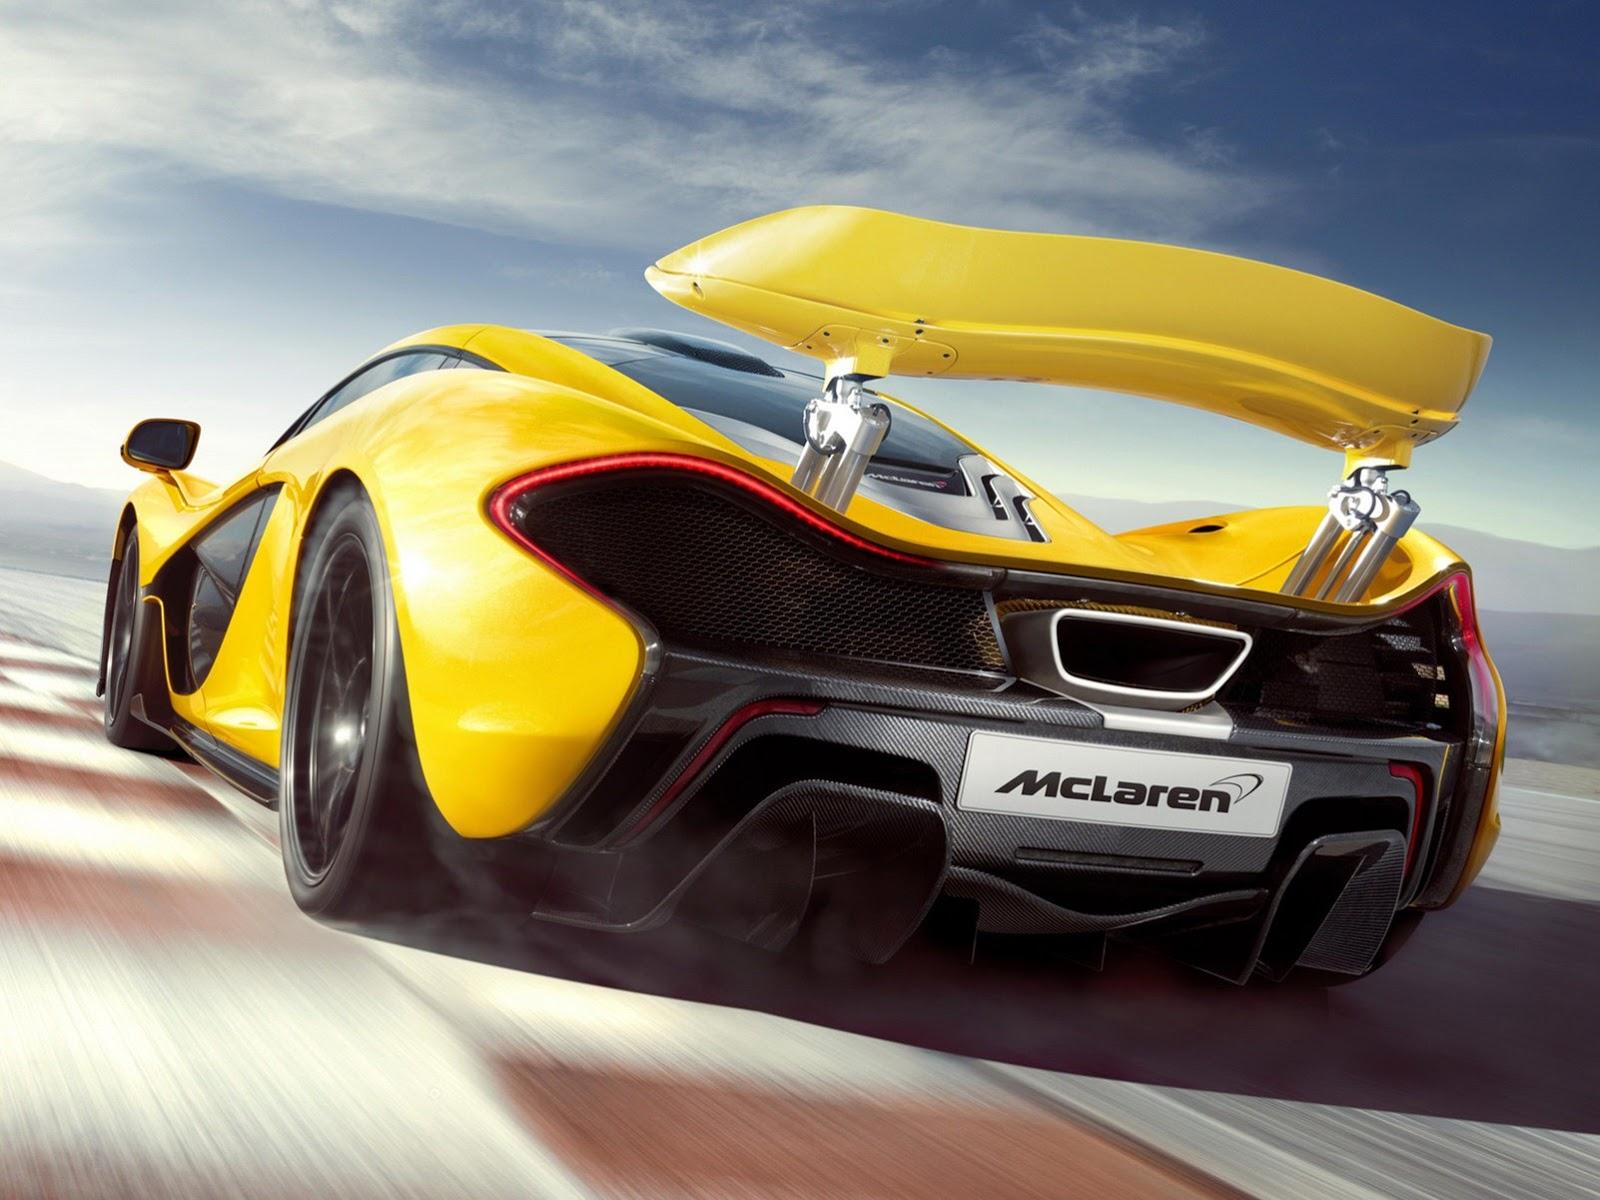 McLaren P1 Hypercar HD Wallpaper